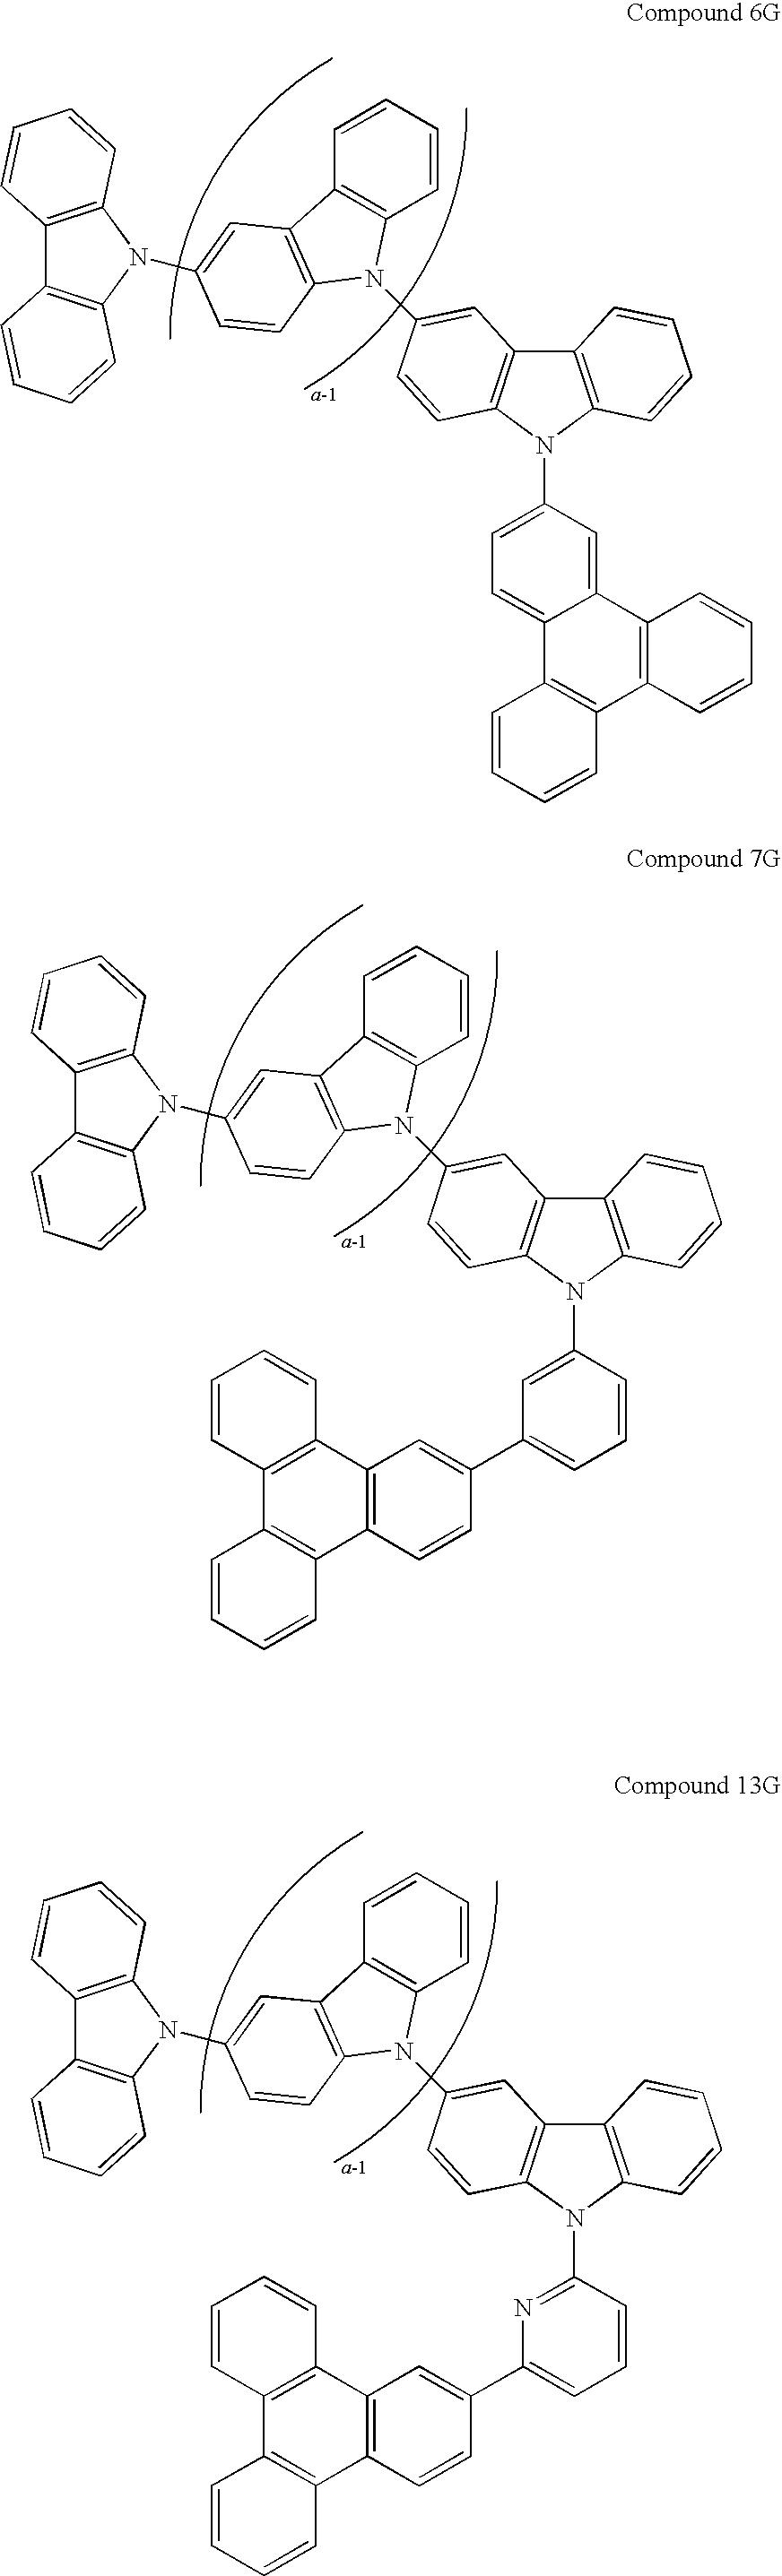 Figure US20090134784A1-20090528-C00193